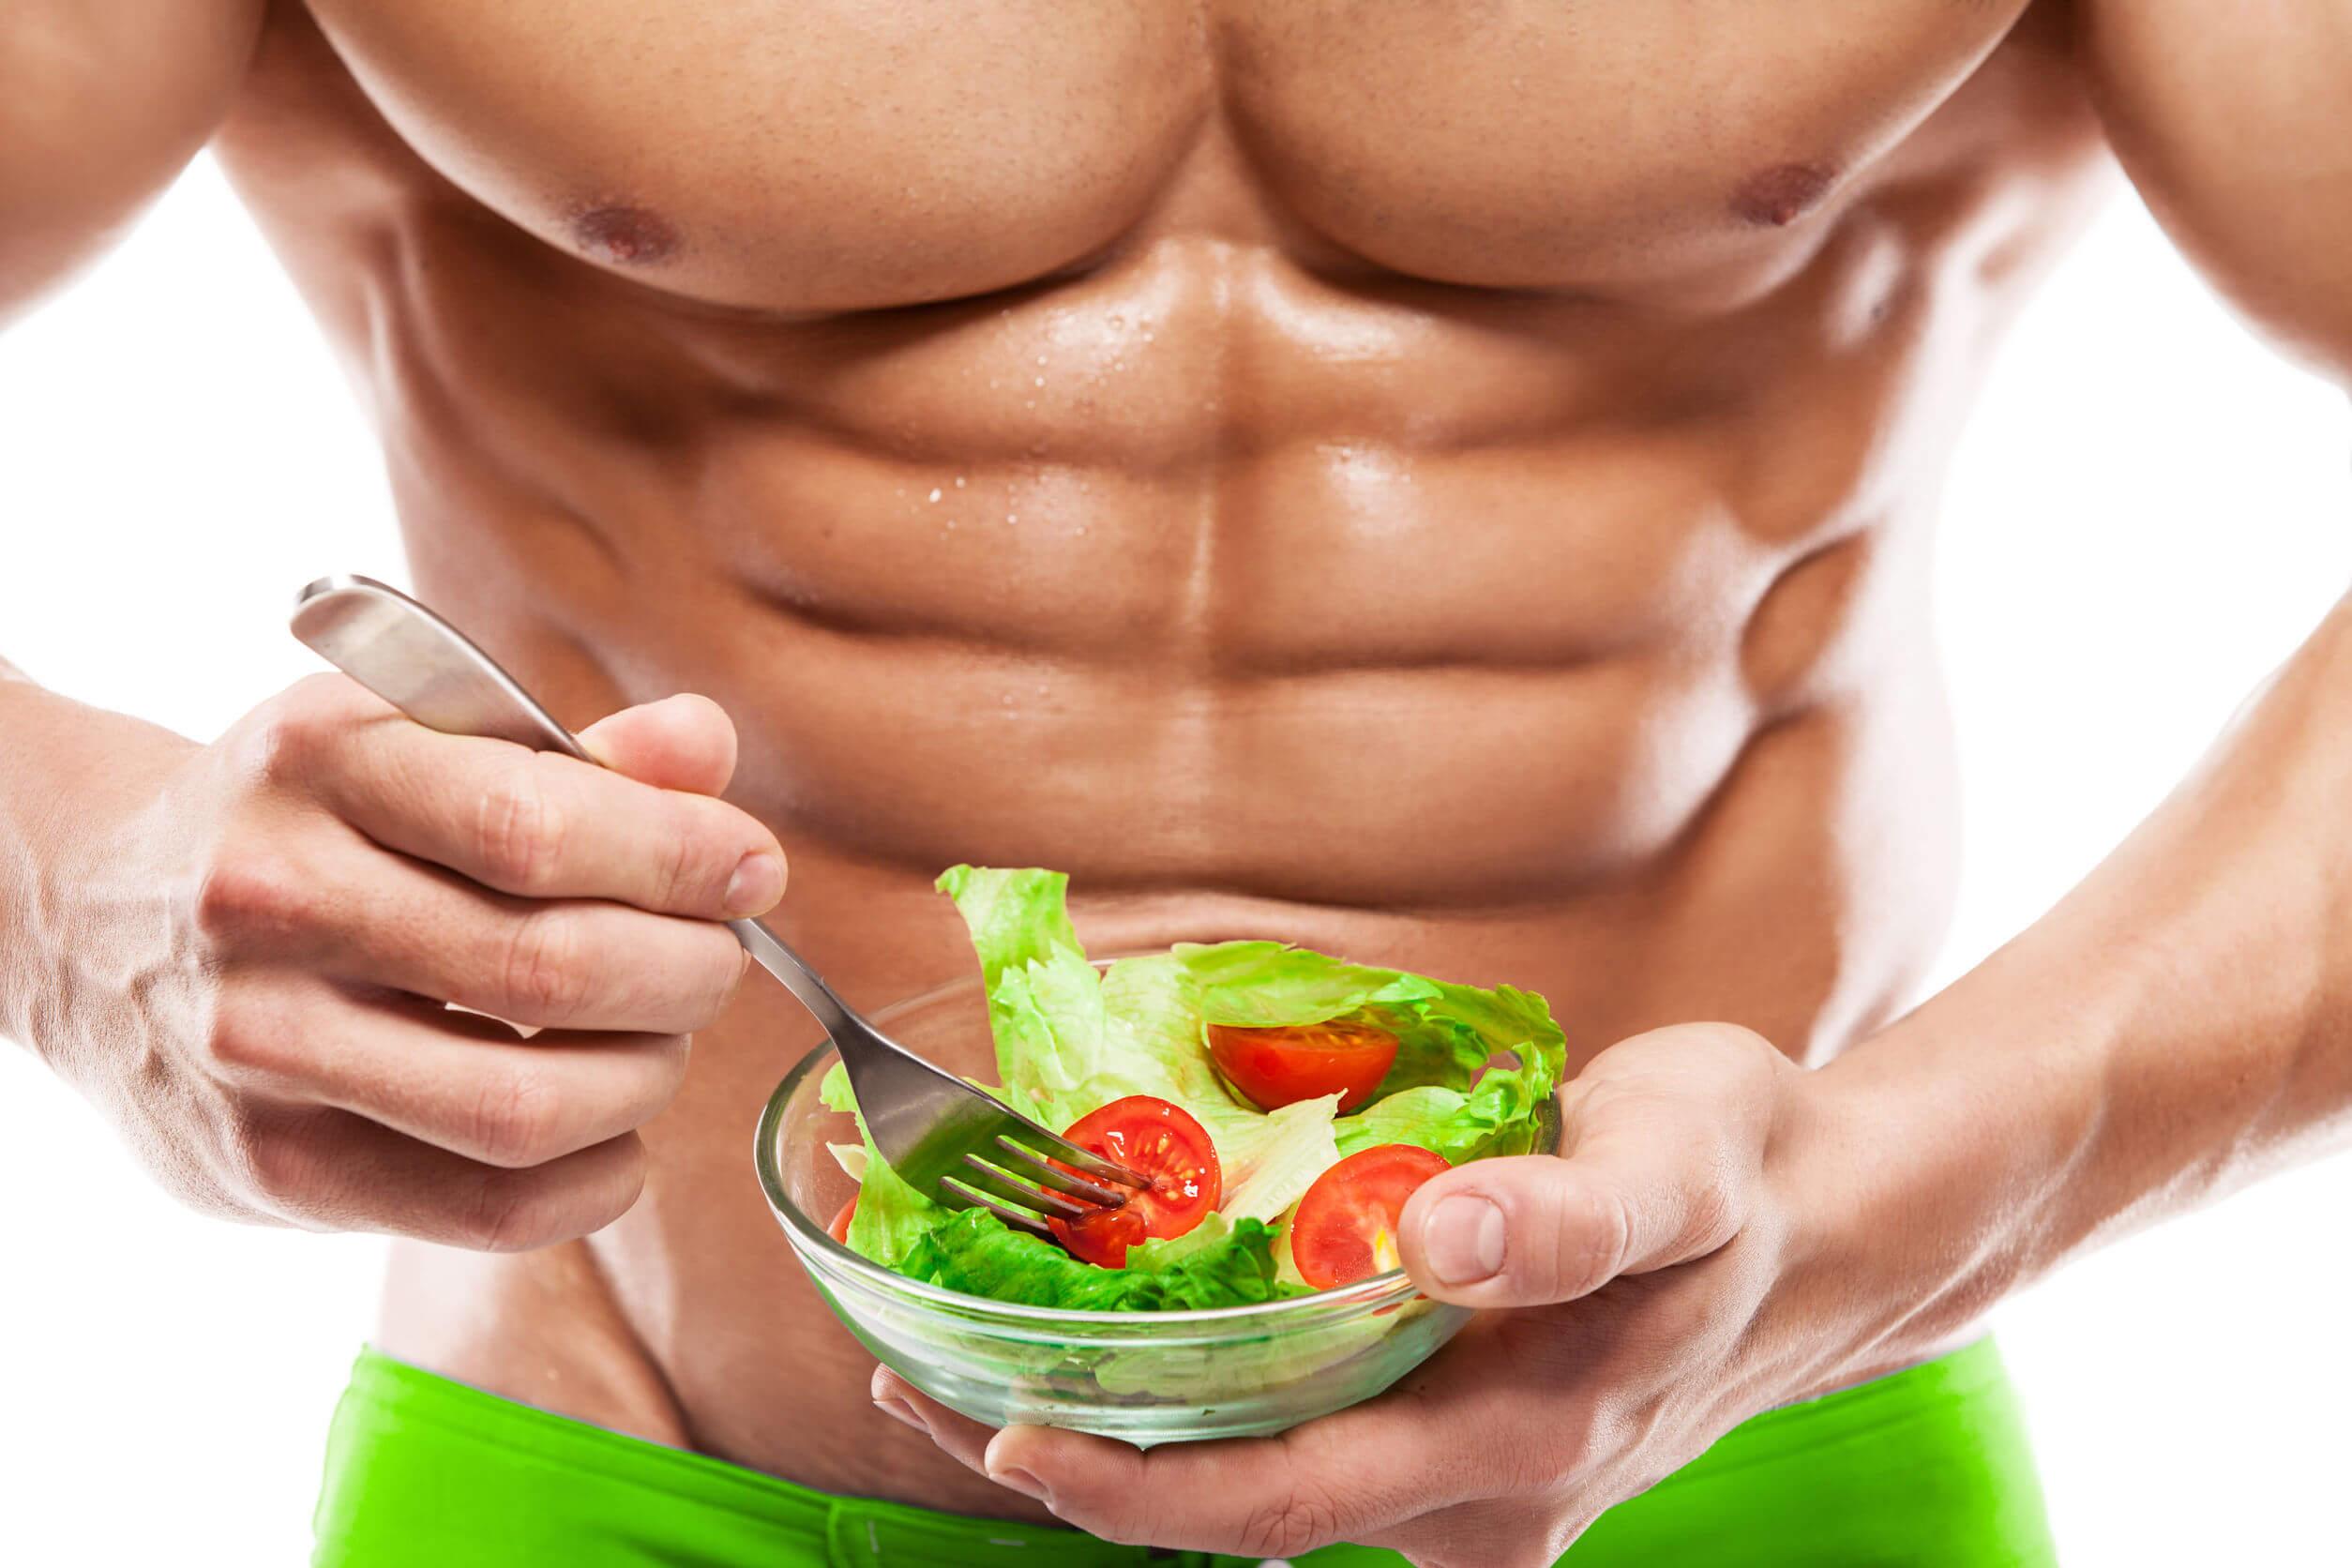 Поможем легко и безболезненно убрать 500 калорий из рациона